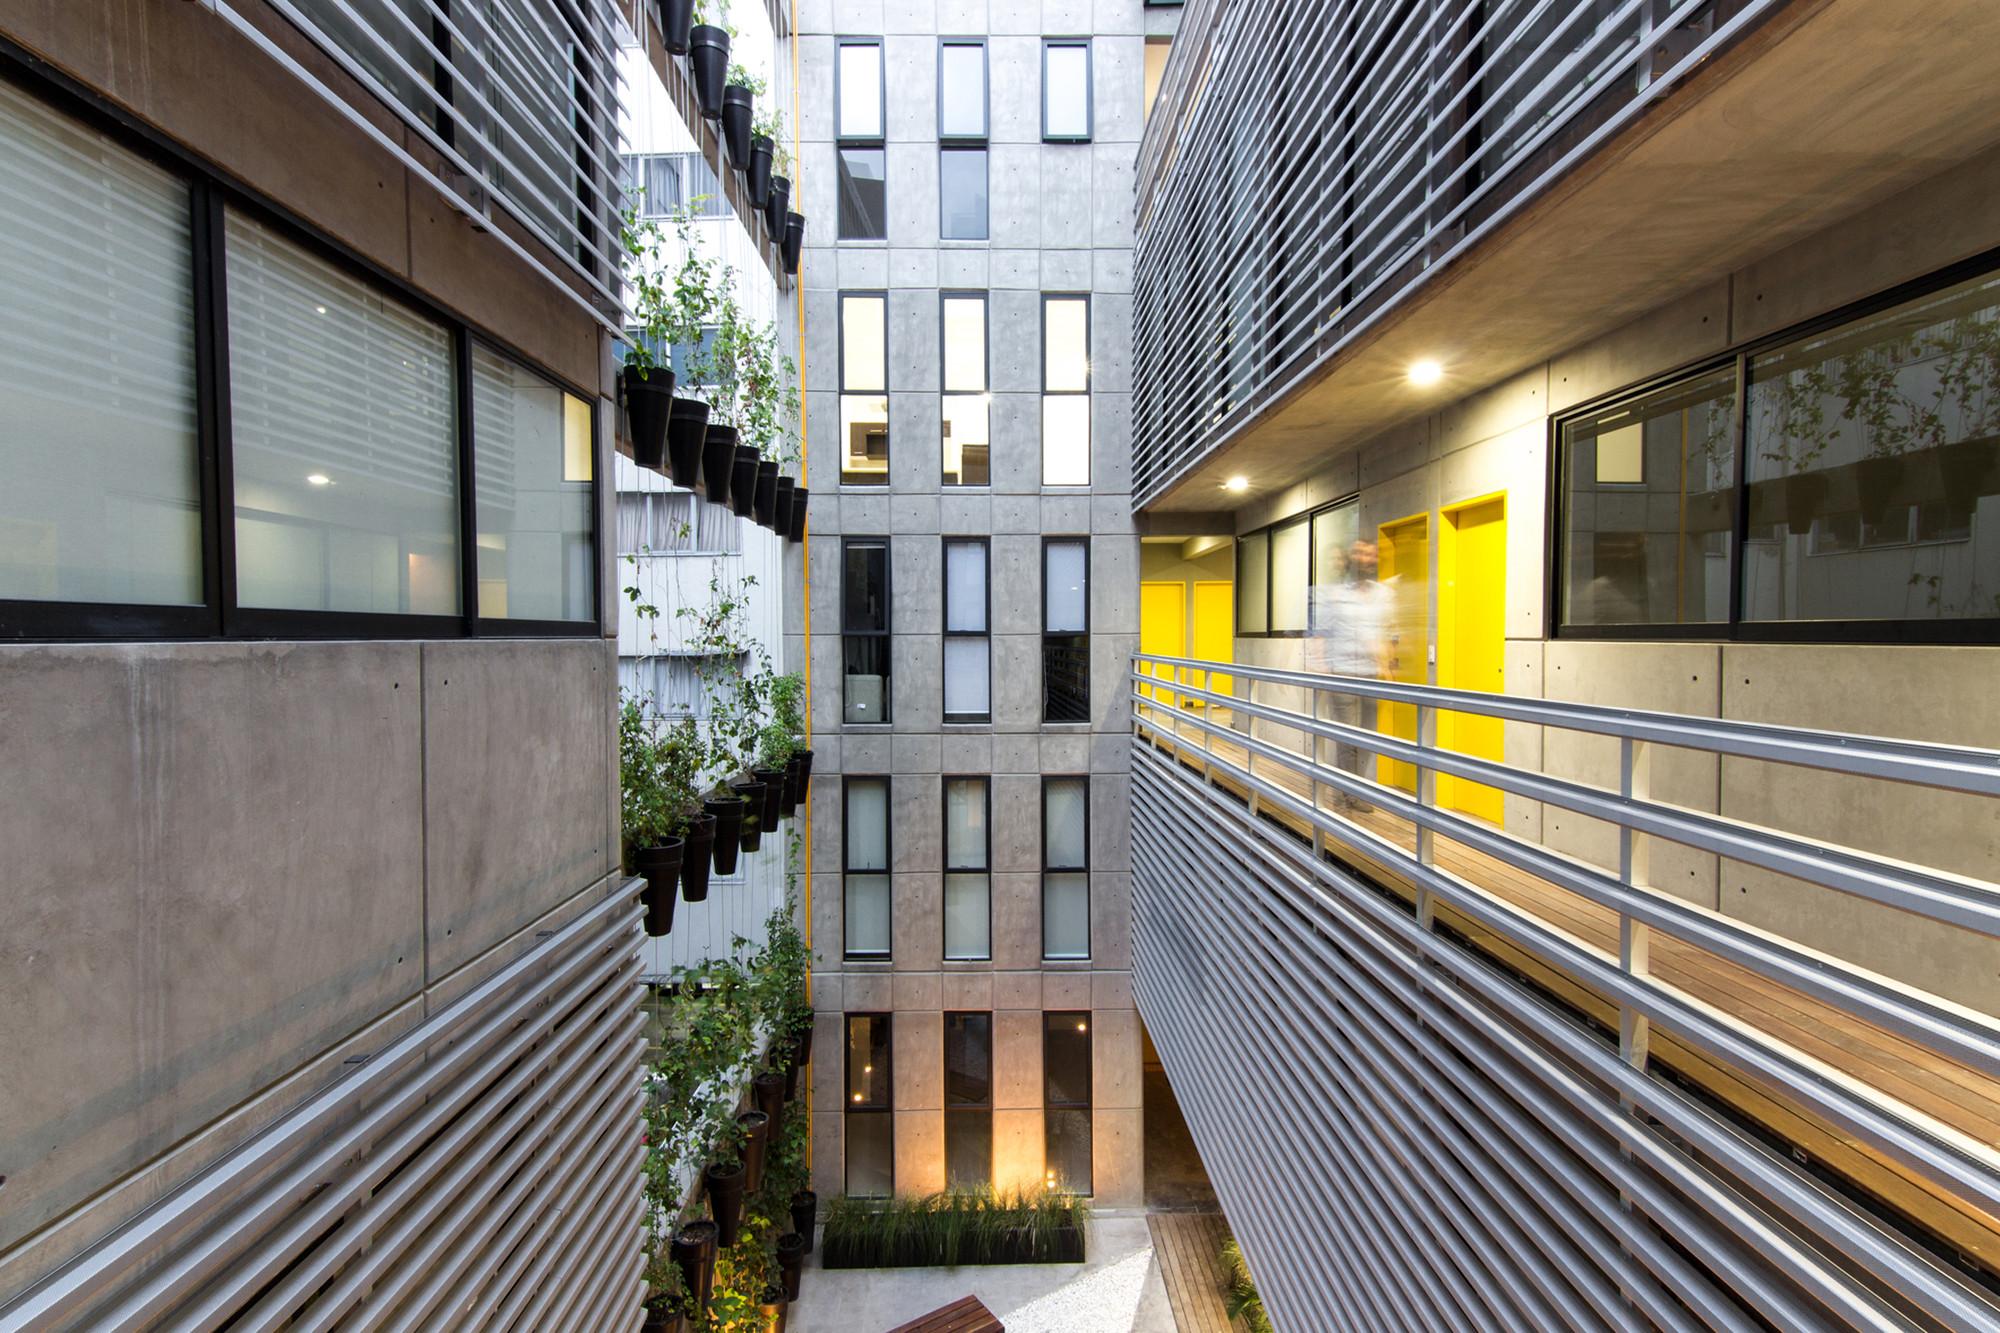 Vertiz 950 hgr arquitectos plataforma arquitectura for Plataforma arquitectura